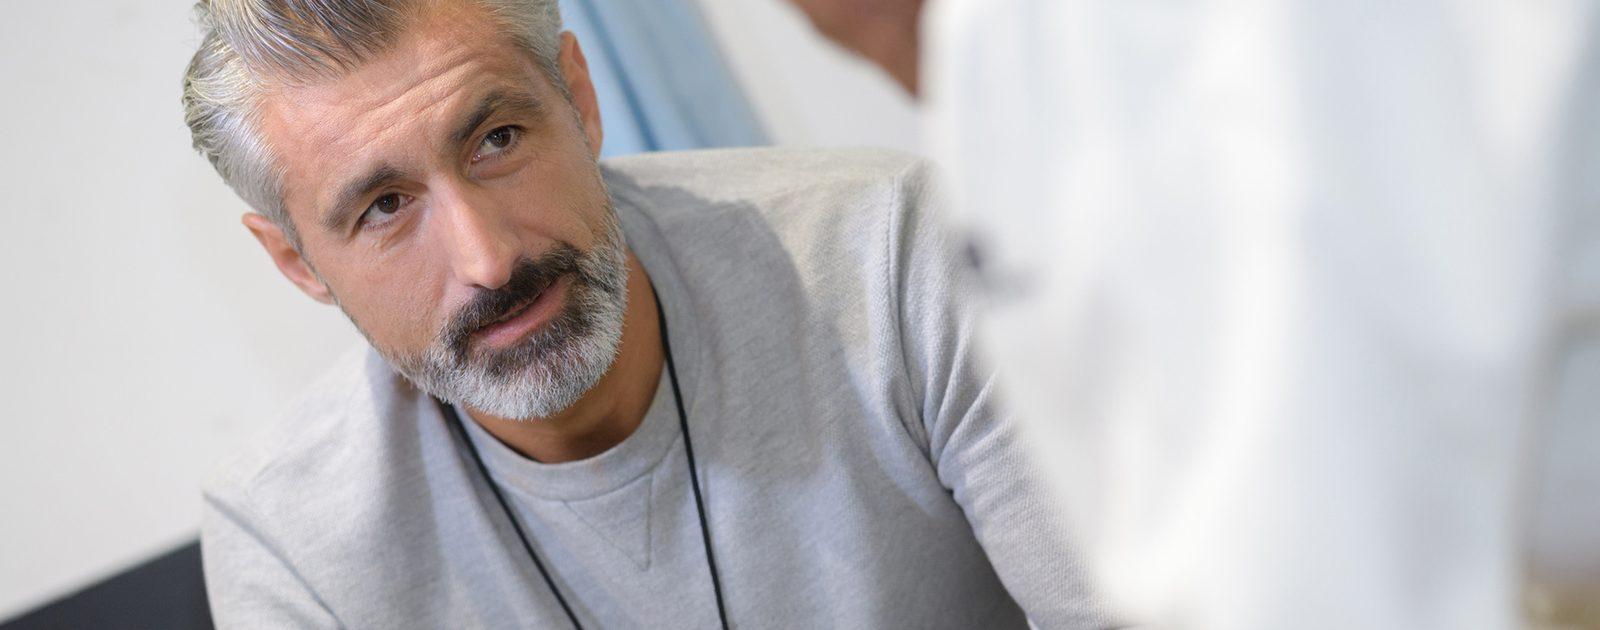 Liegt ein akuter Harnverhalt vor, sollte umgehend ein Urologe aufgesucht werden